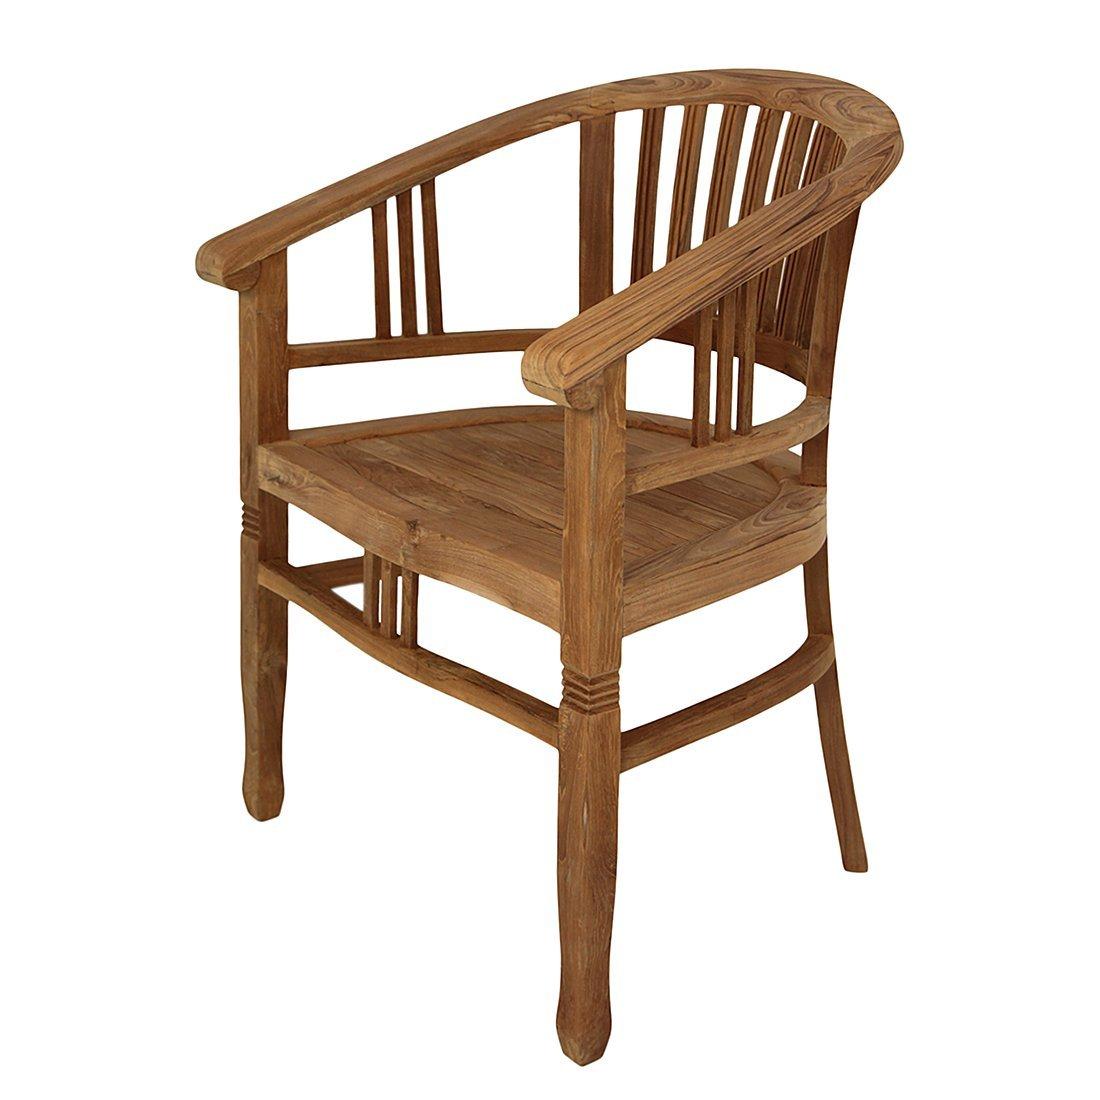 myteak24 Armchair CANTIK natur, unbehandelt, Gartenstuhl, Teakstuhl massiv Stuhl mit Armlehne, Teak, IVEY